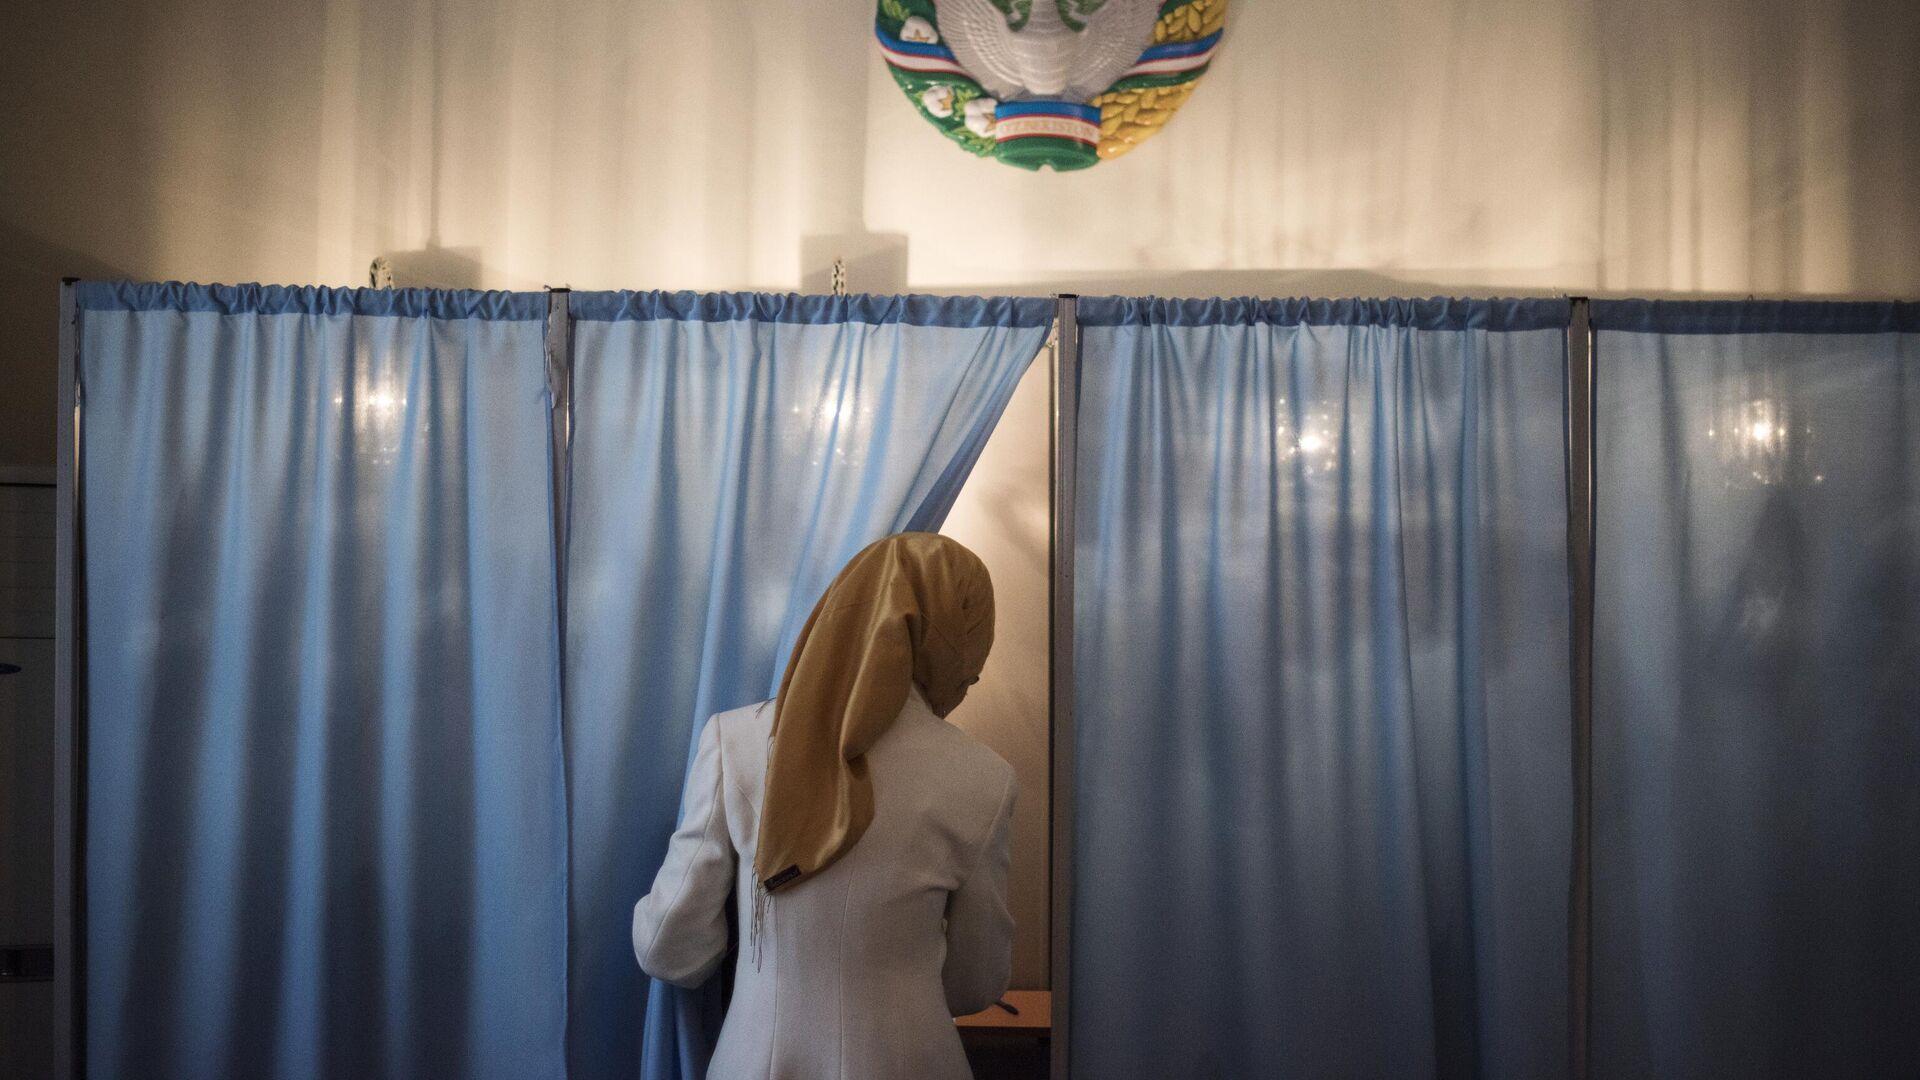 Женщина голосует на избирательном участке во время выборов президента Узбекистана. Архивное фото - Sputnik Узбекистан, 1920, 26.09.2021